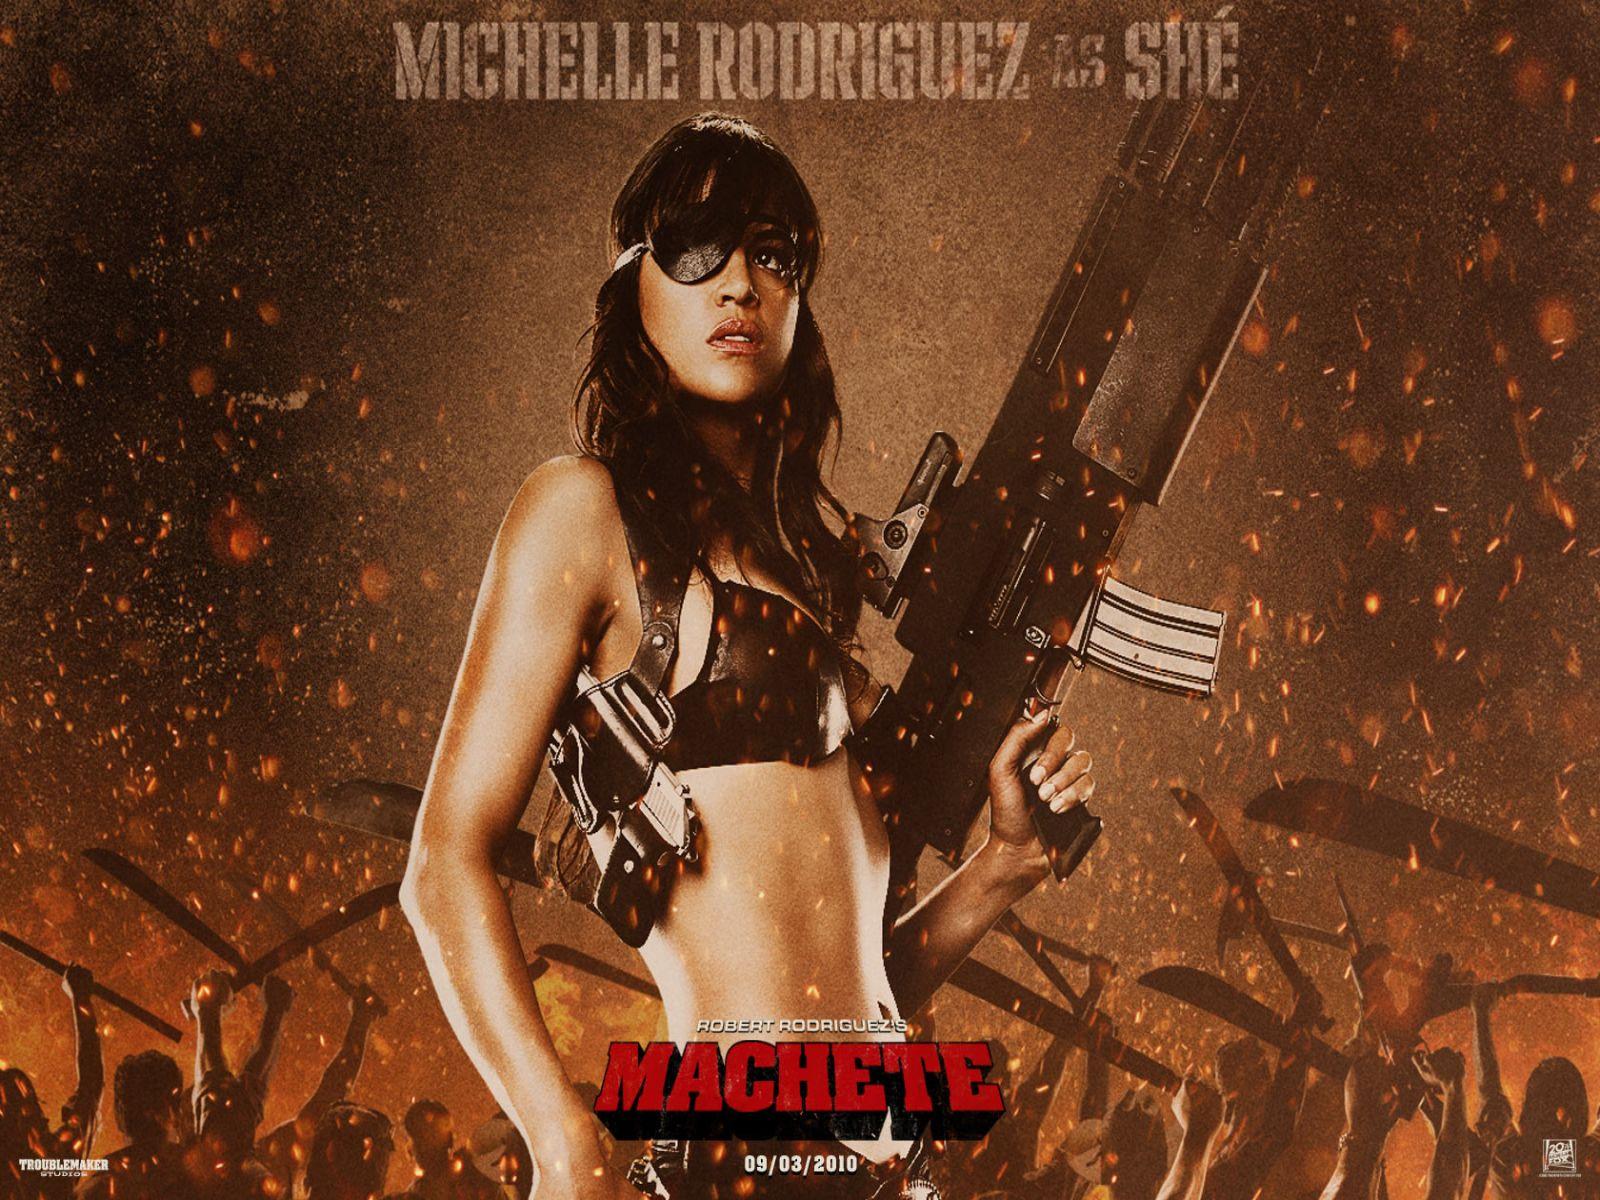 Same... Michelle rodriguez machete congratulate